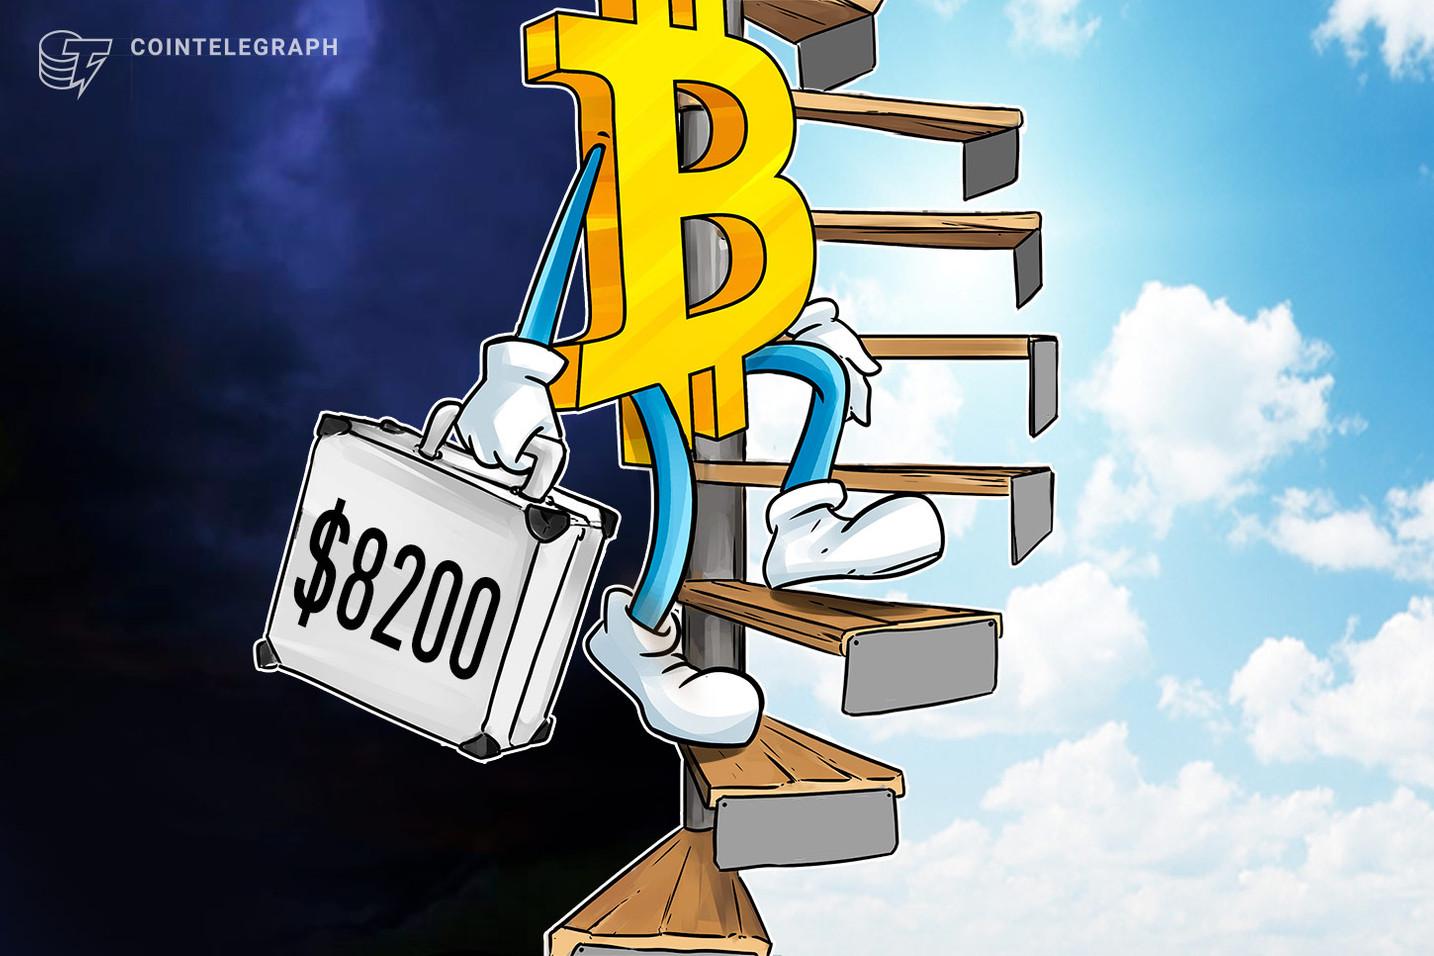 Preço do Bitcoin deve agora quebrar US$ 8,2 mil para terminar a série perdida de 6 meses